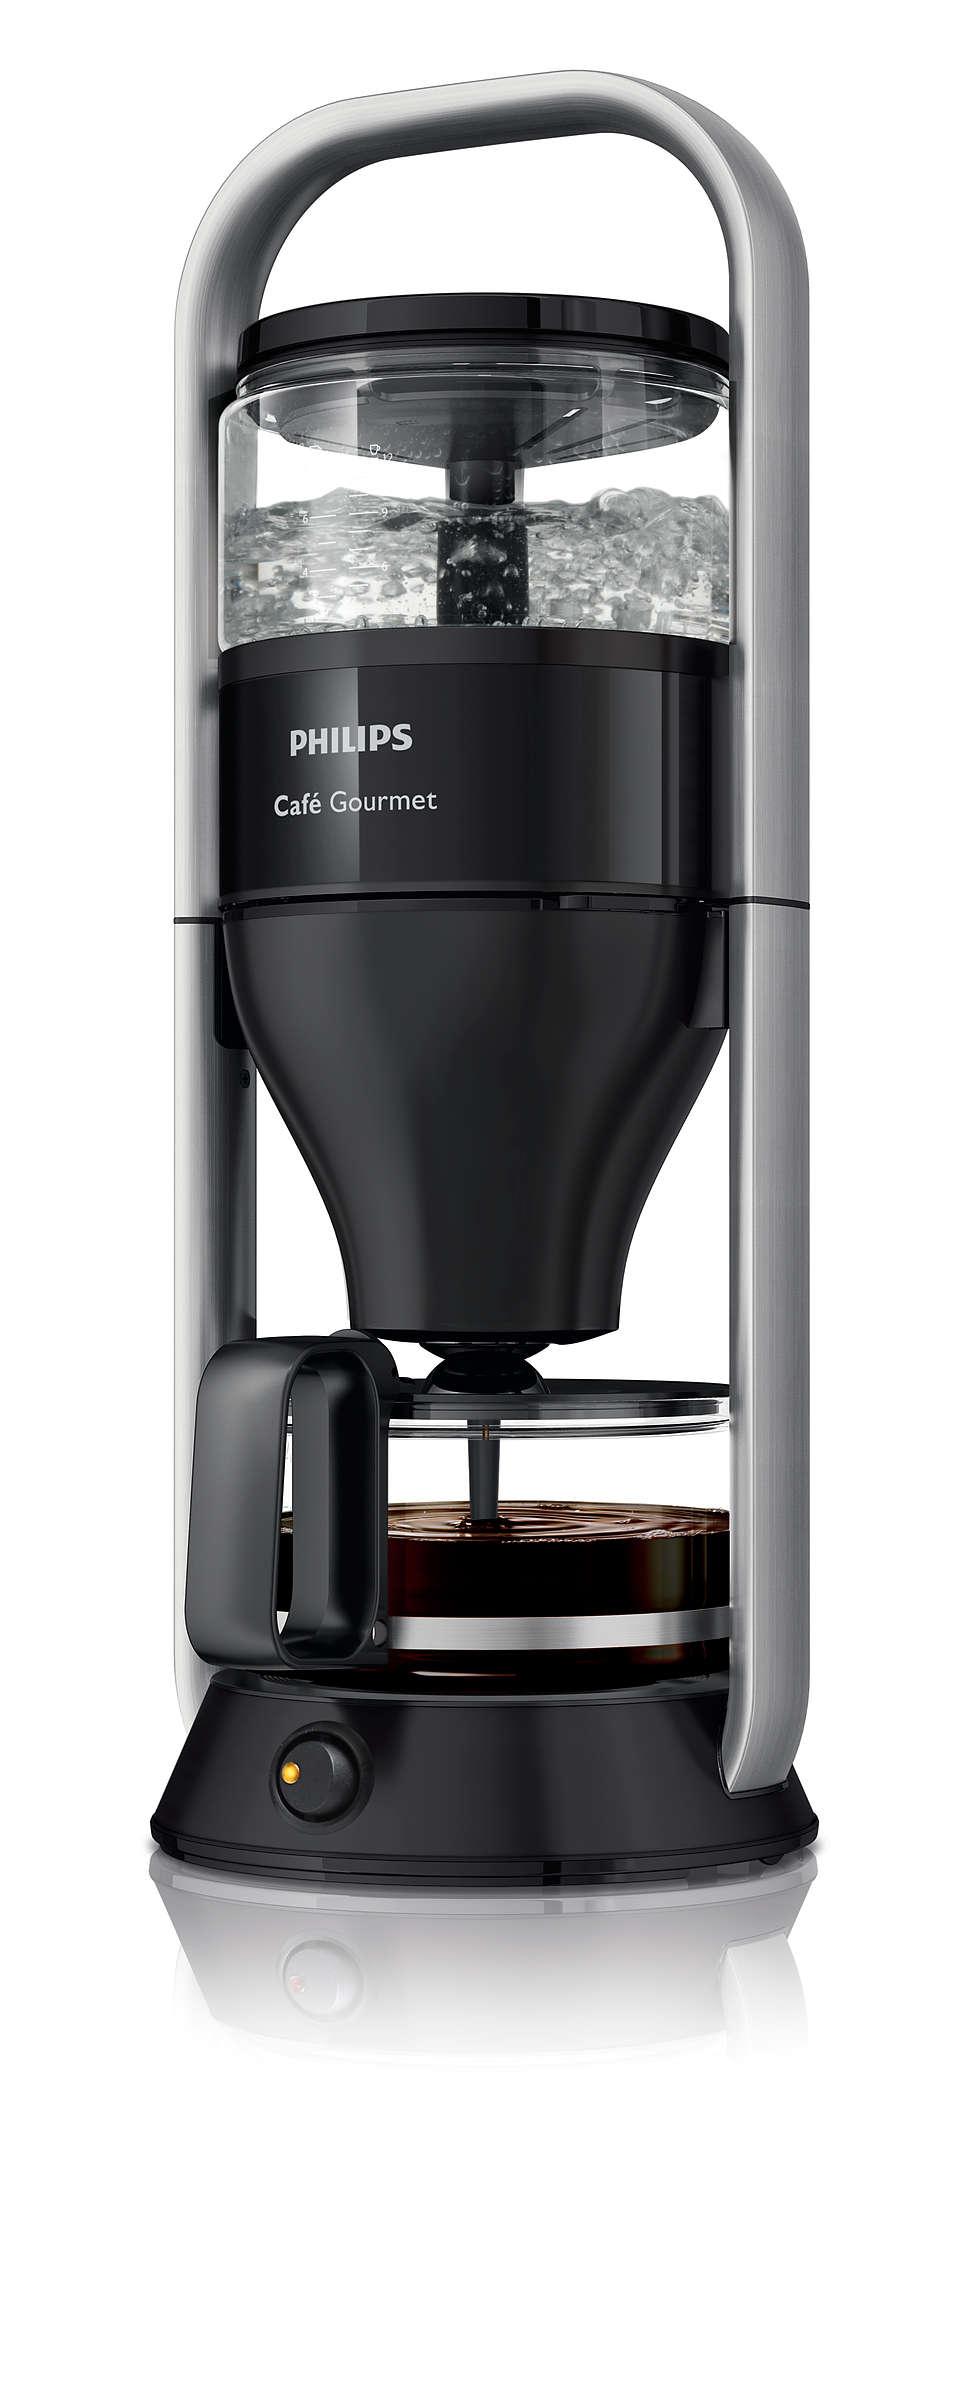 Gustul cafelei la filtru preparate manual, încă din 1988